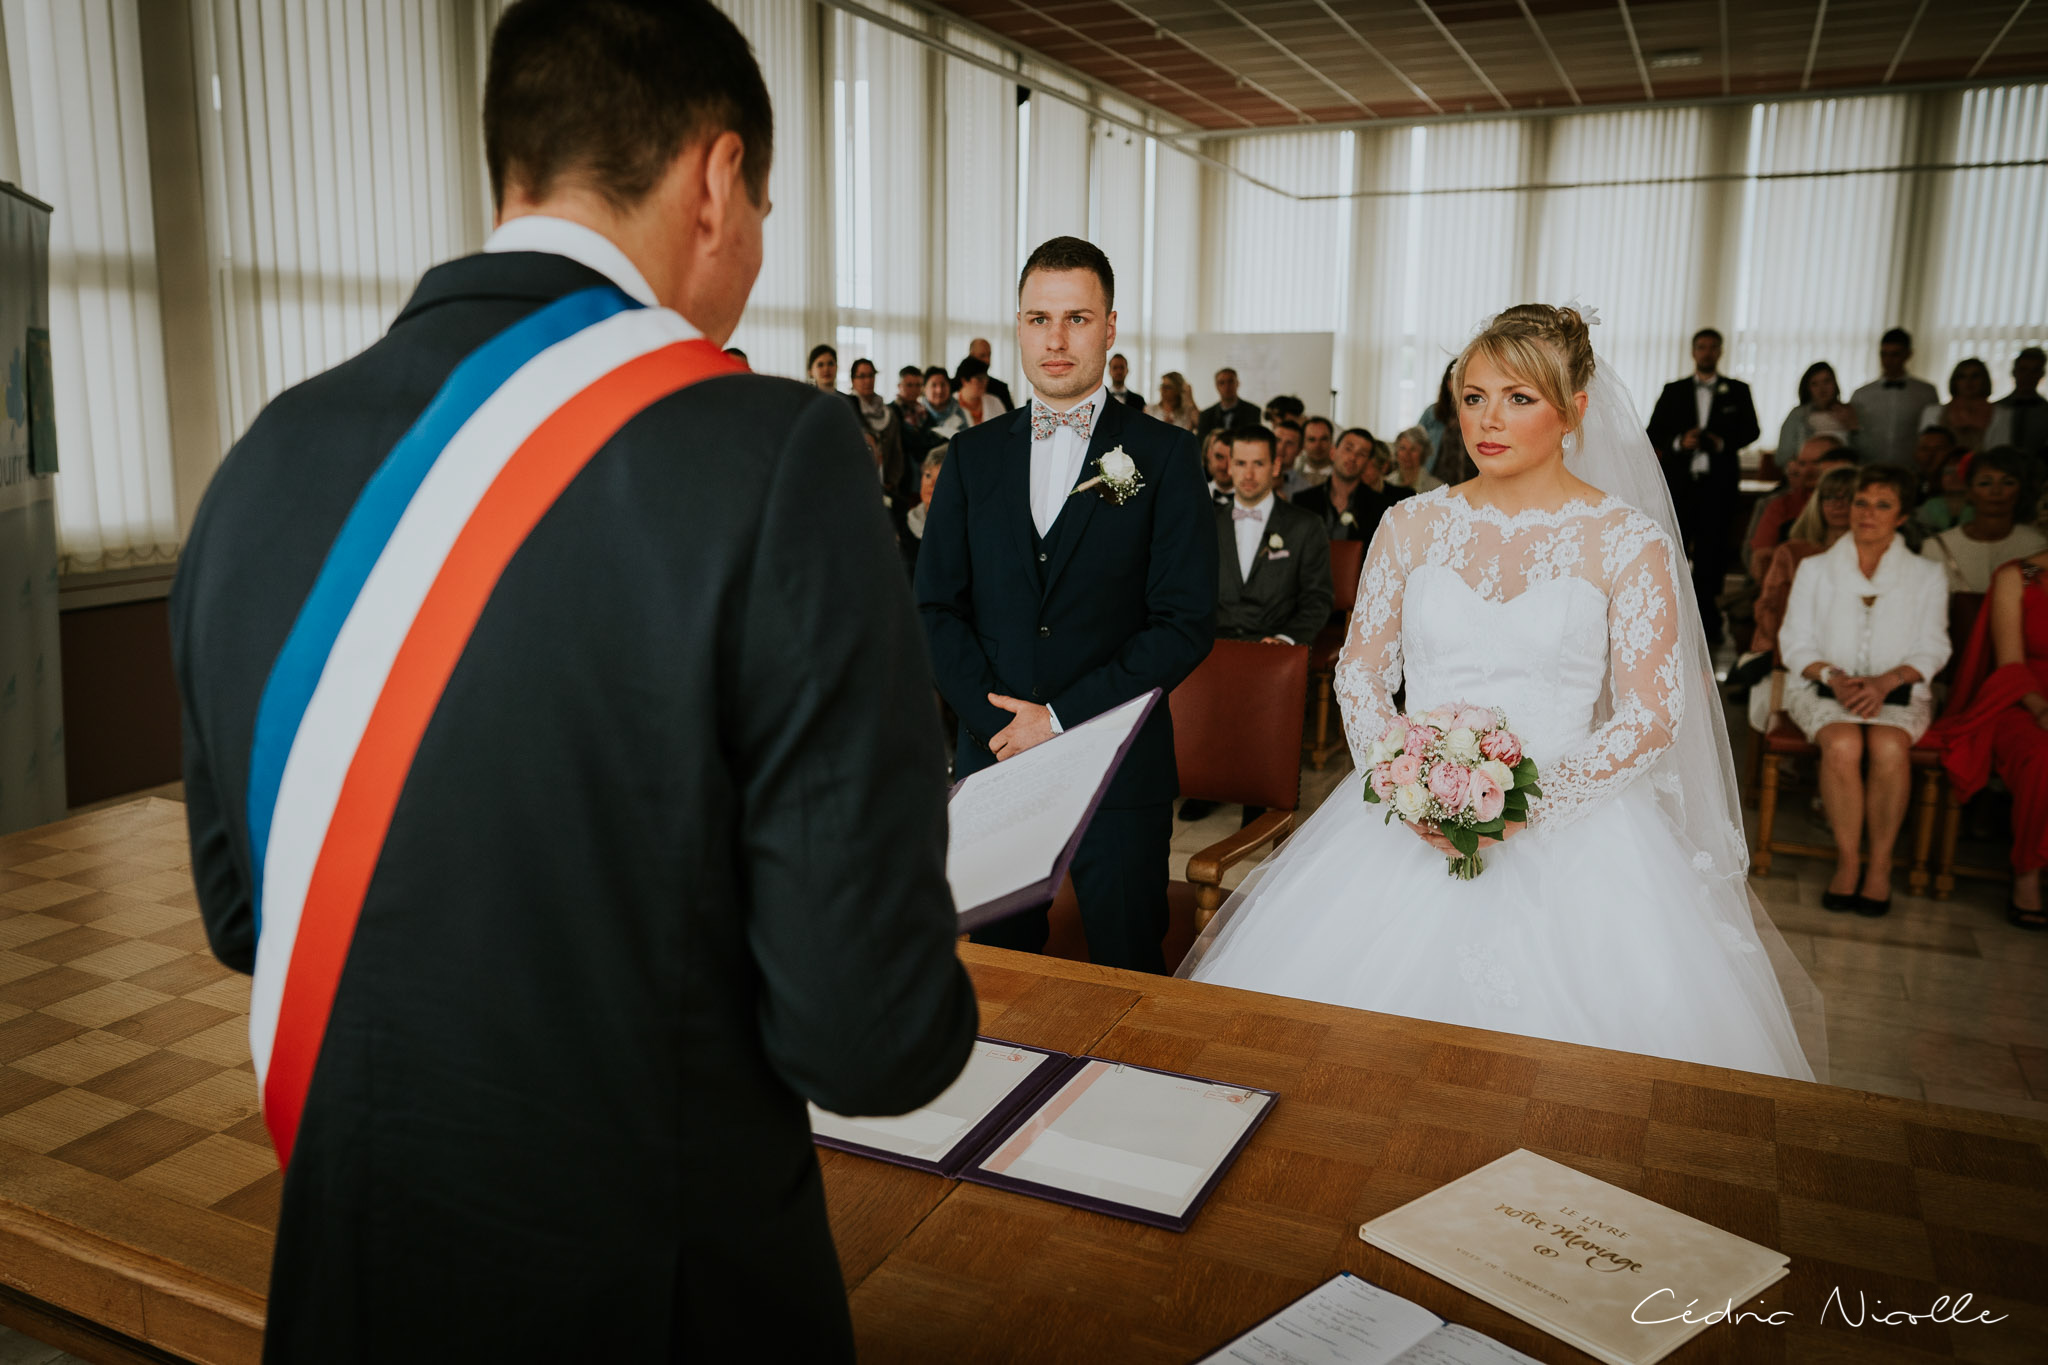 Photographe mariage Courrières